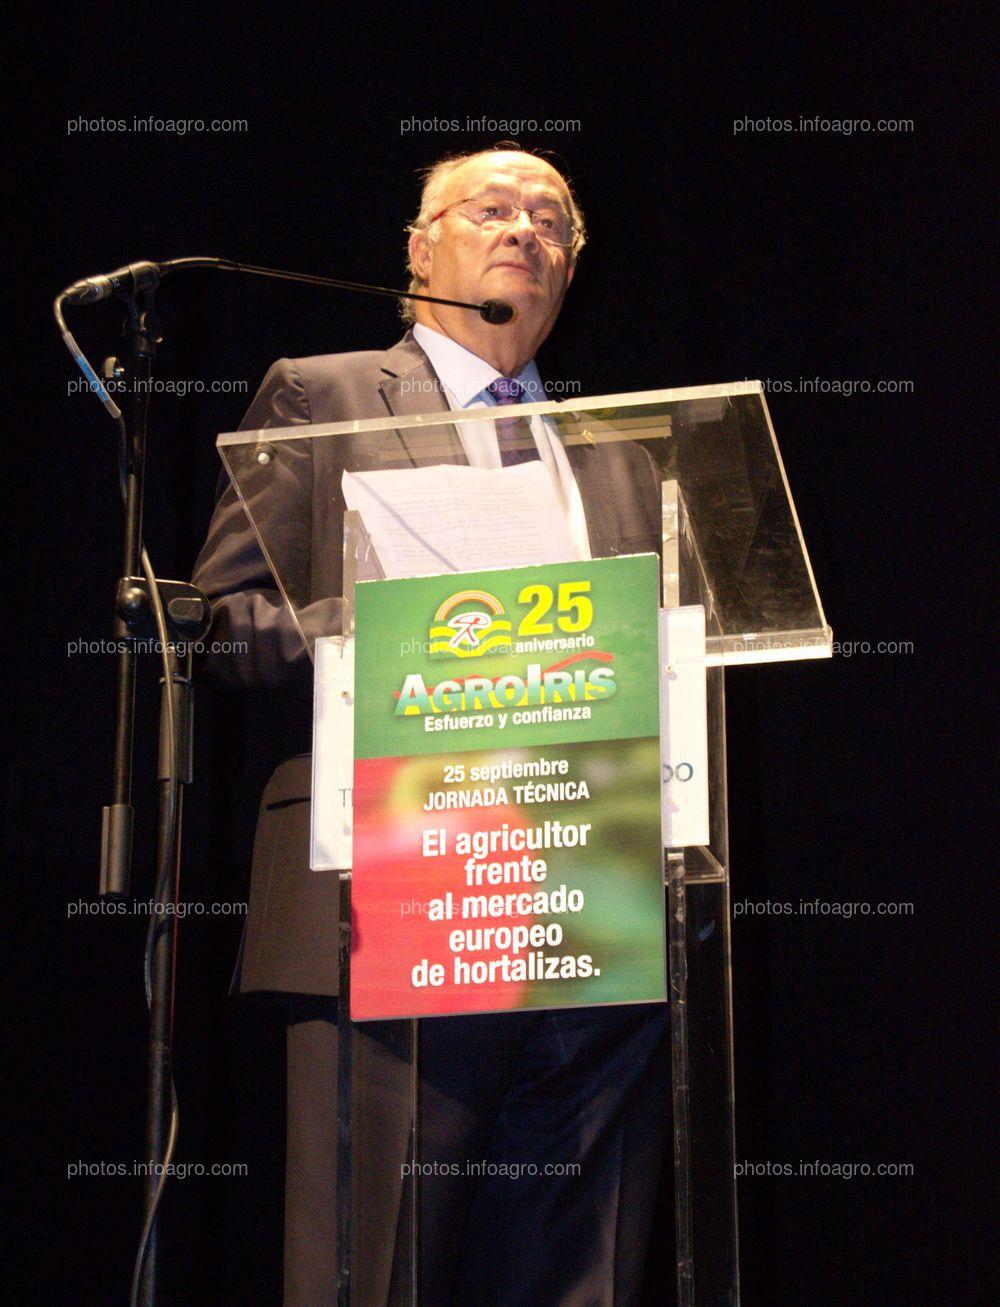 Juan Antonio Díaz Planelles, director general y fundador de Agroiris, recuerda en su discurso en el acto de celebración del 25 Aniversario de Agroiris, los inicios de la empresa.